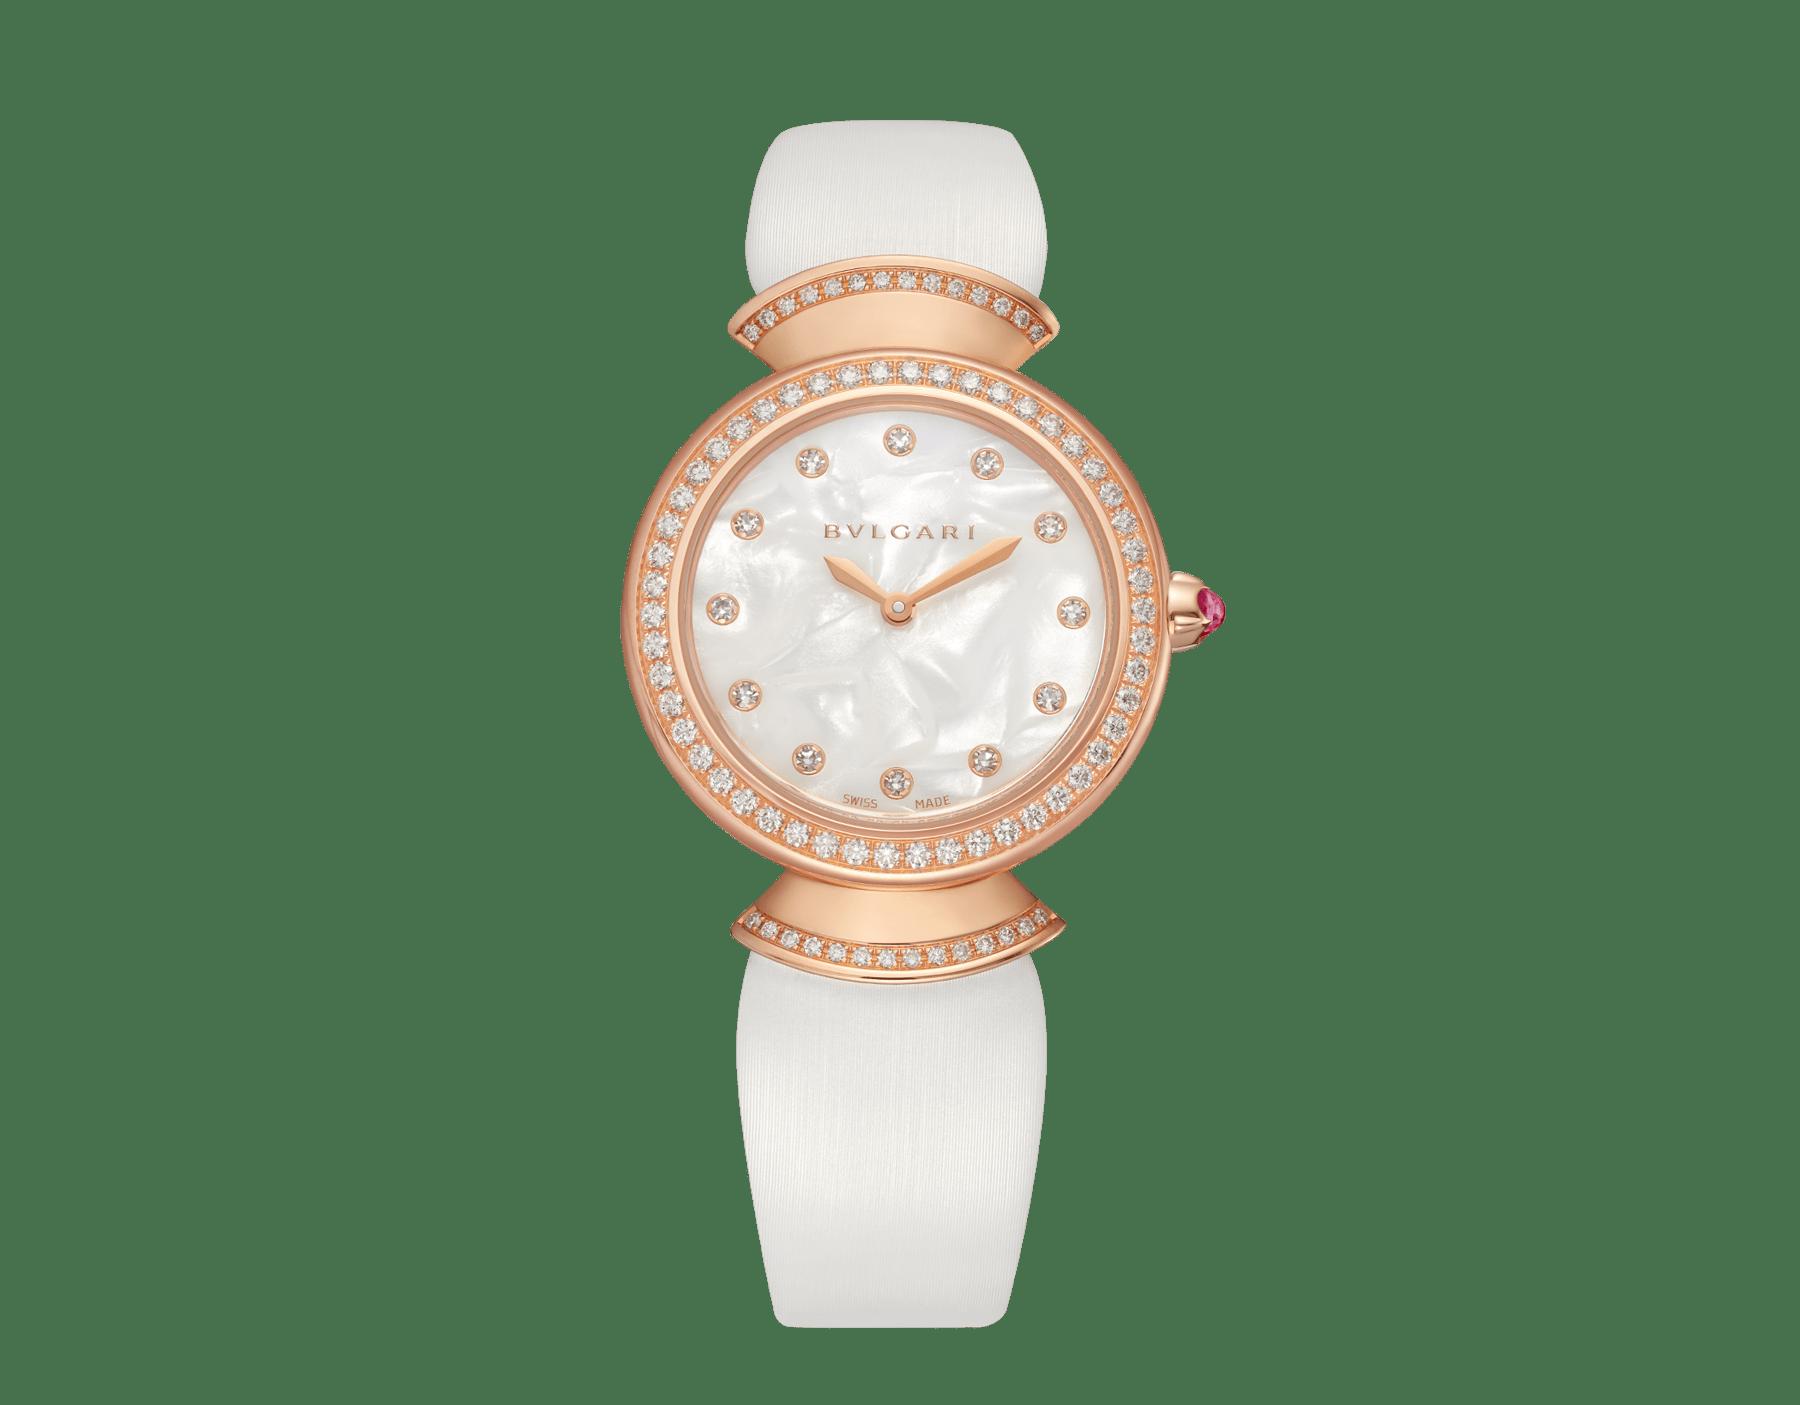 Montre DIVAS' DREAM avec boîtier en or rose 18K serti de diamants taille brillant, cadran en acétate naturel, index sertis de diamants et bracelet en satin blanc 102433 image 1